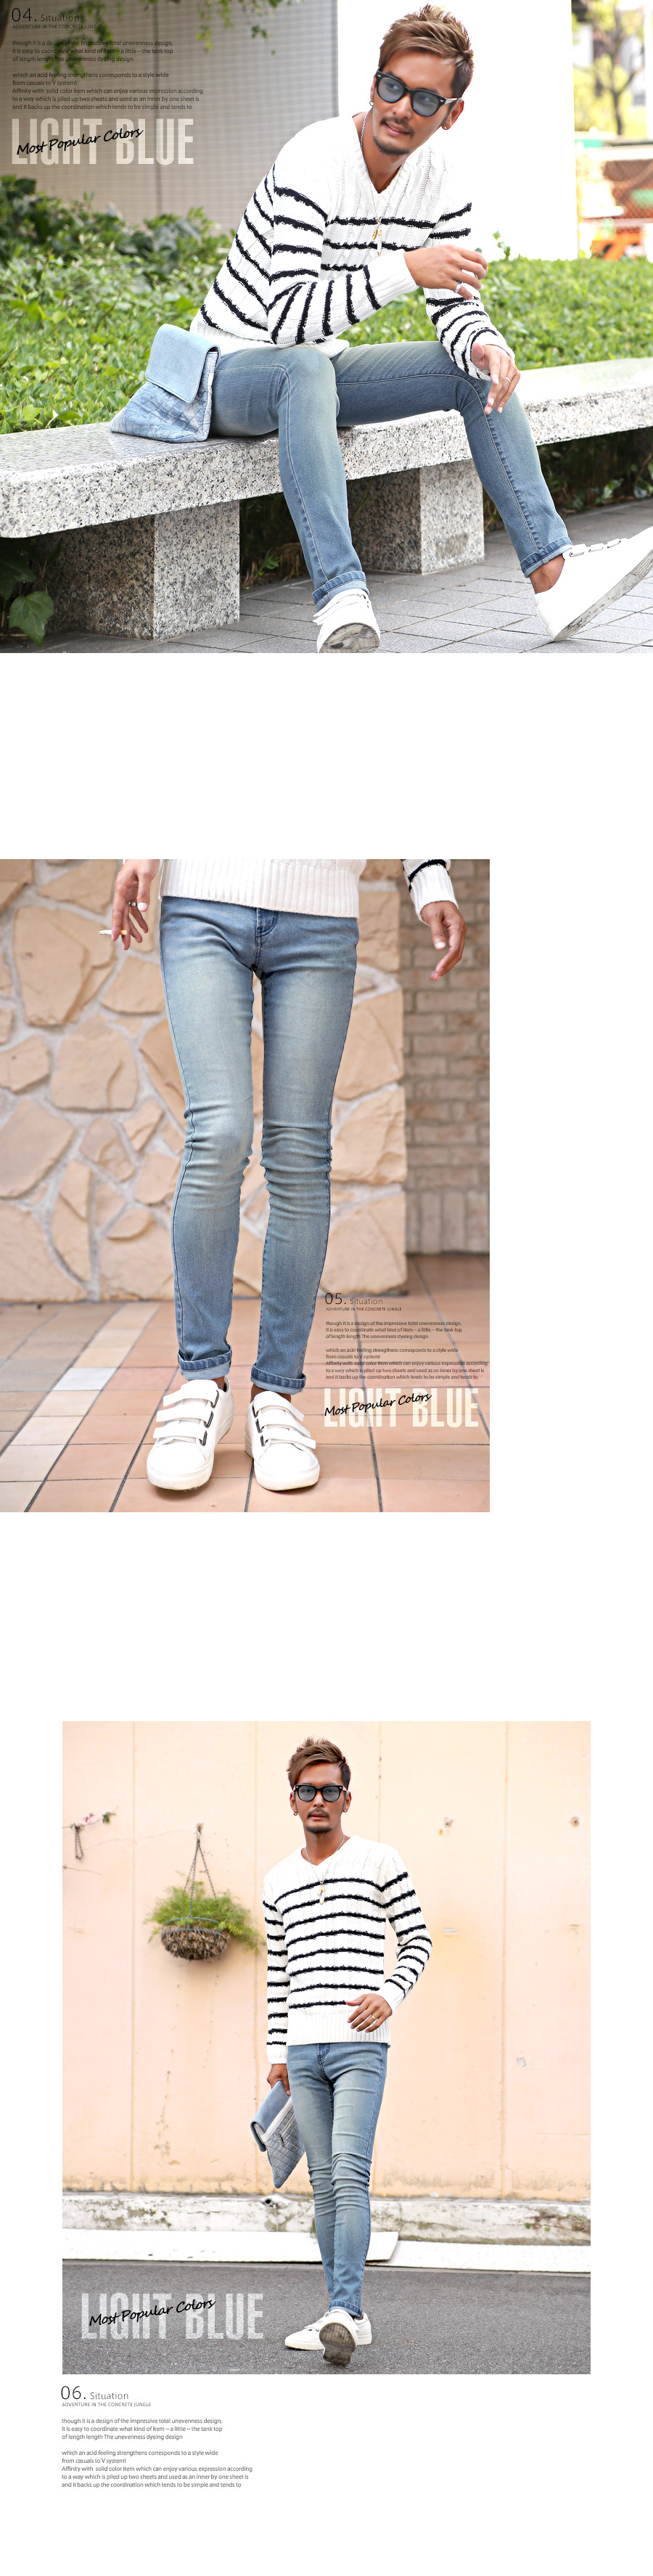 スキニーデニム メンズ ジーンズ ジーパン スキニーパンツ ストレッチデニム スリム 細身 美脚 タイト フィット カジュアル ビター系 BITTER お兄系 ファッション 服 通販 ボトムス 3